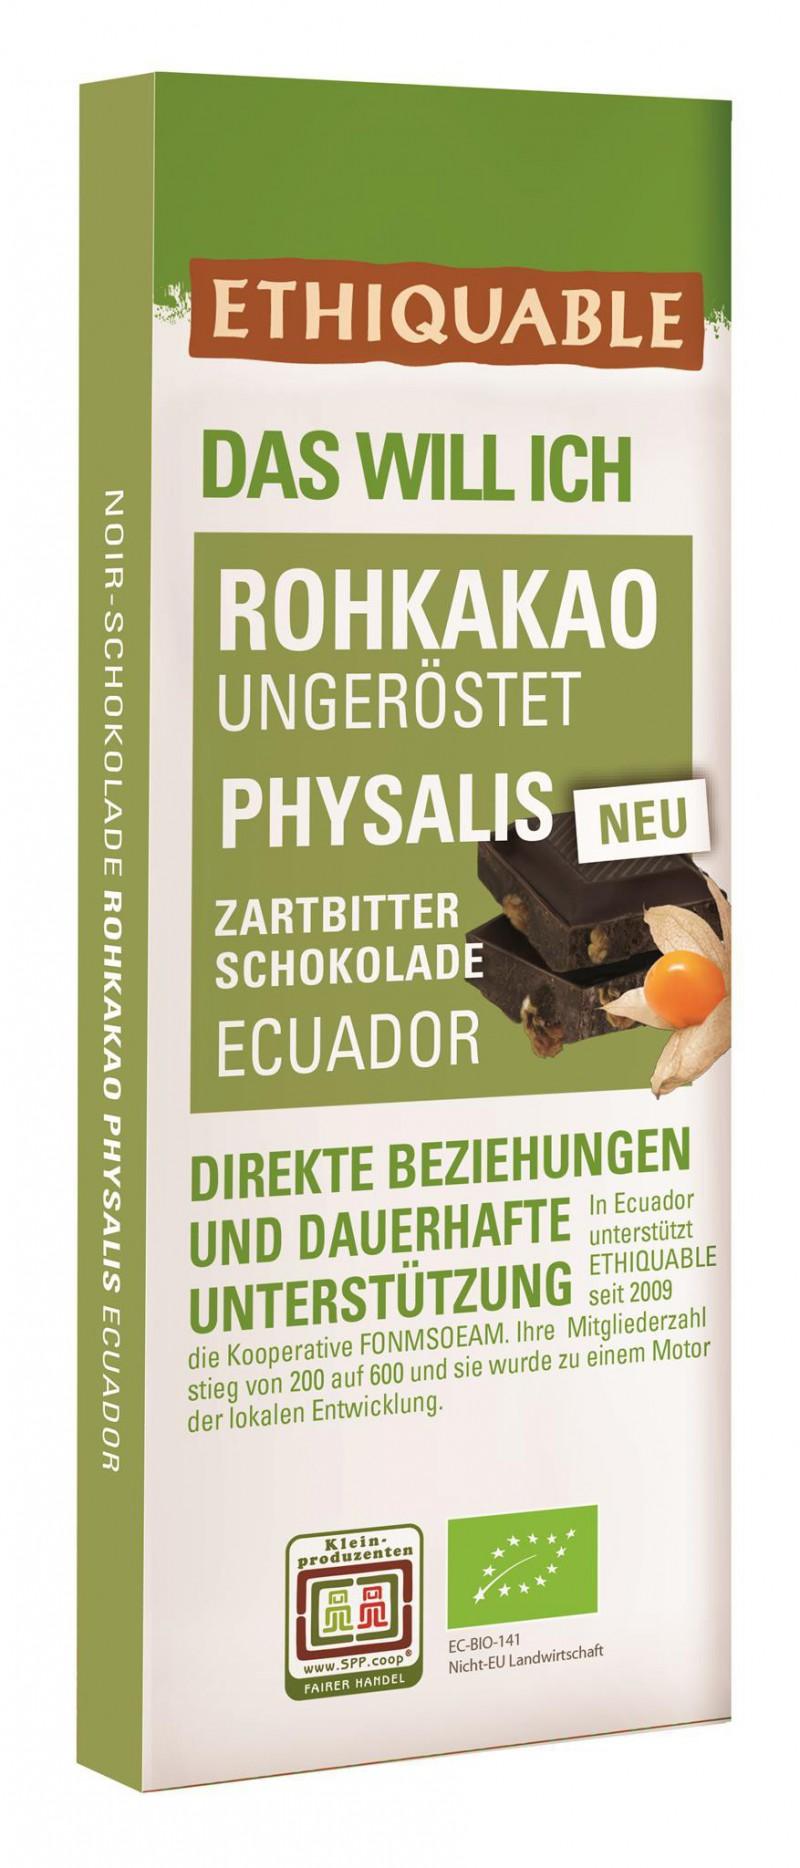 Noir-Schokolade Rohkakao Physalis 70% Ecuador